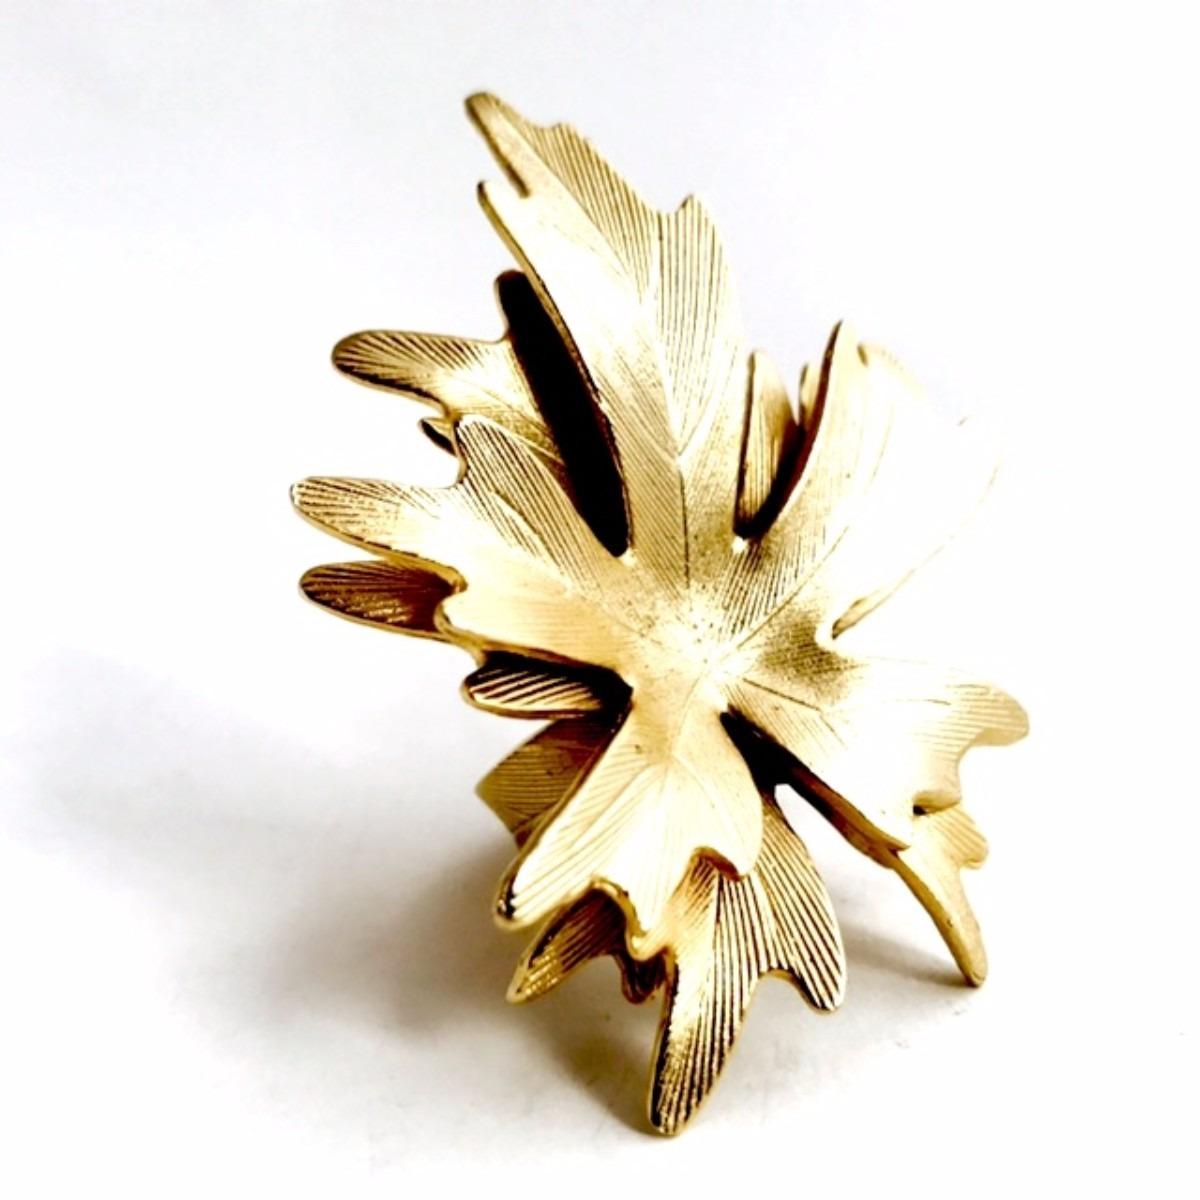 Roble Anillo - Baño de Oro